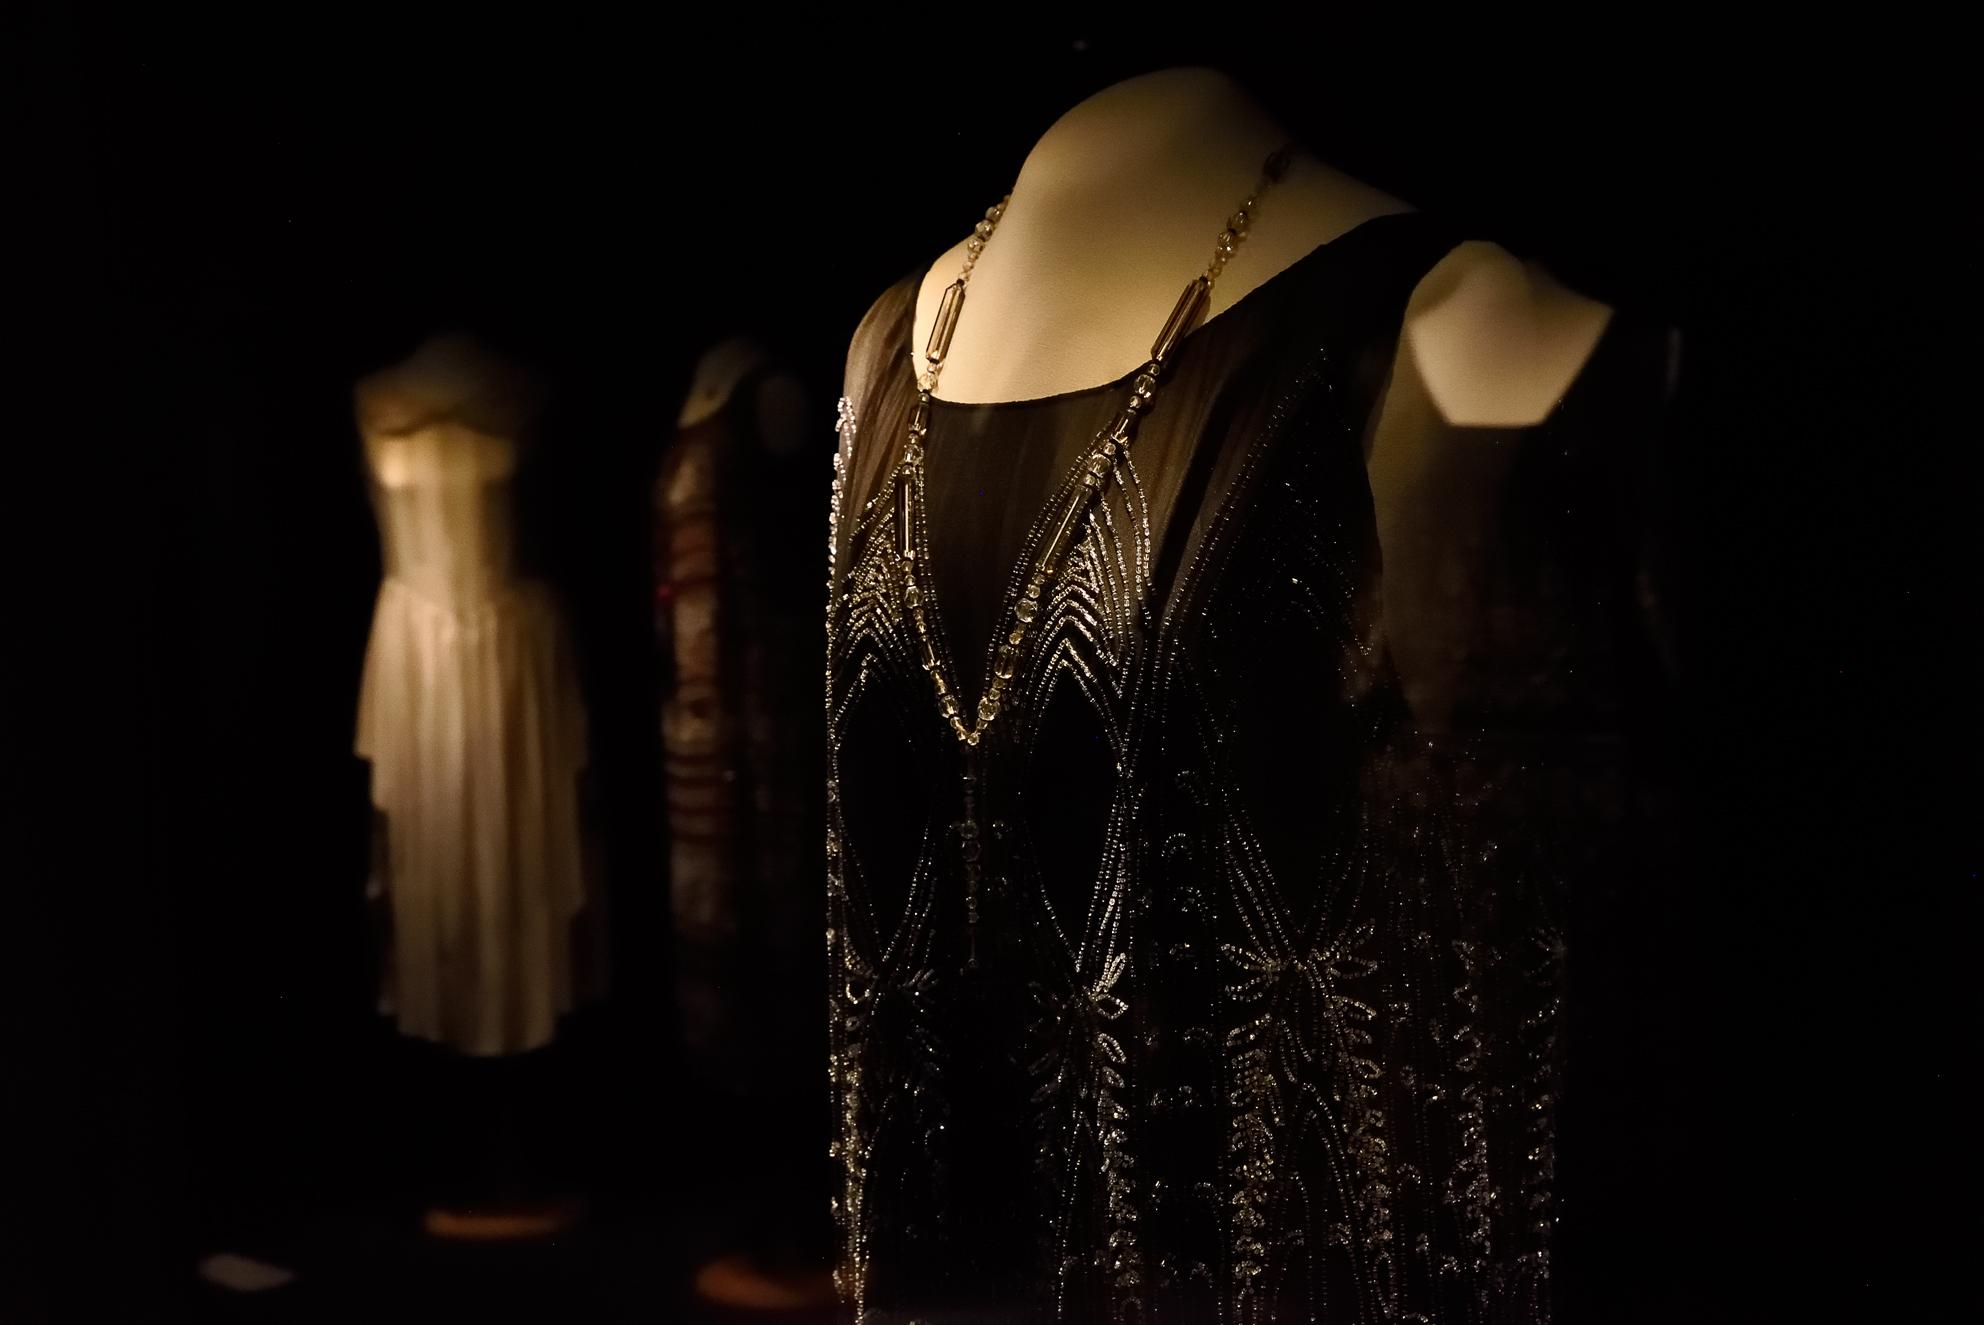 musée de la mode – Albi – Bdesmettre